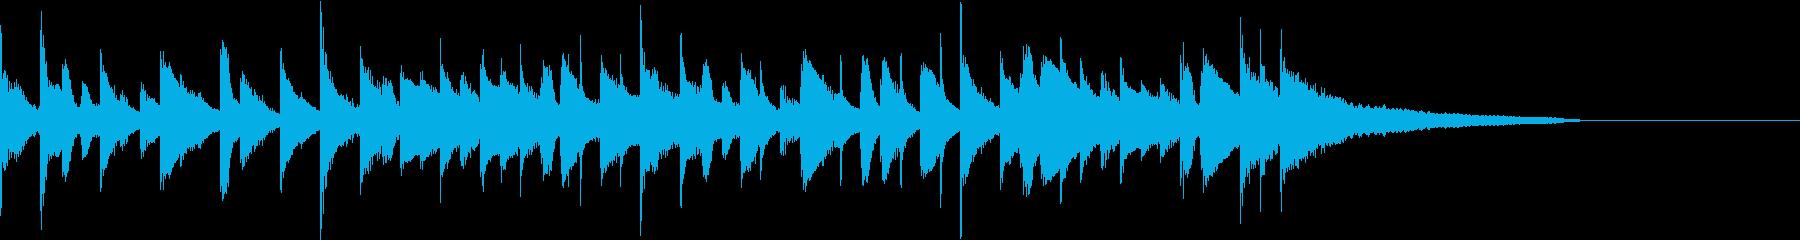 カフェ風ボサノヴァ ジングル1の再生済みの波形